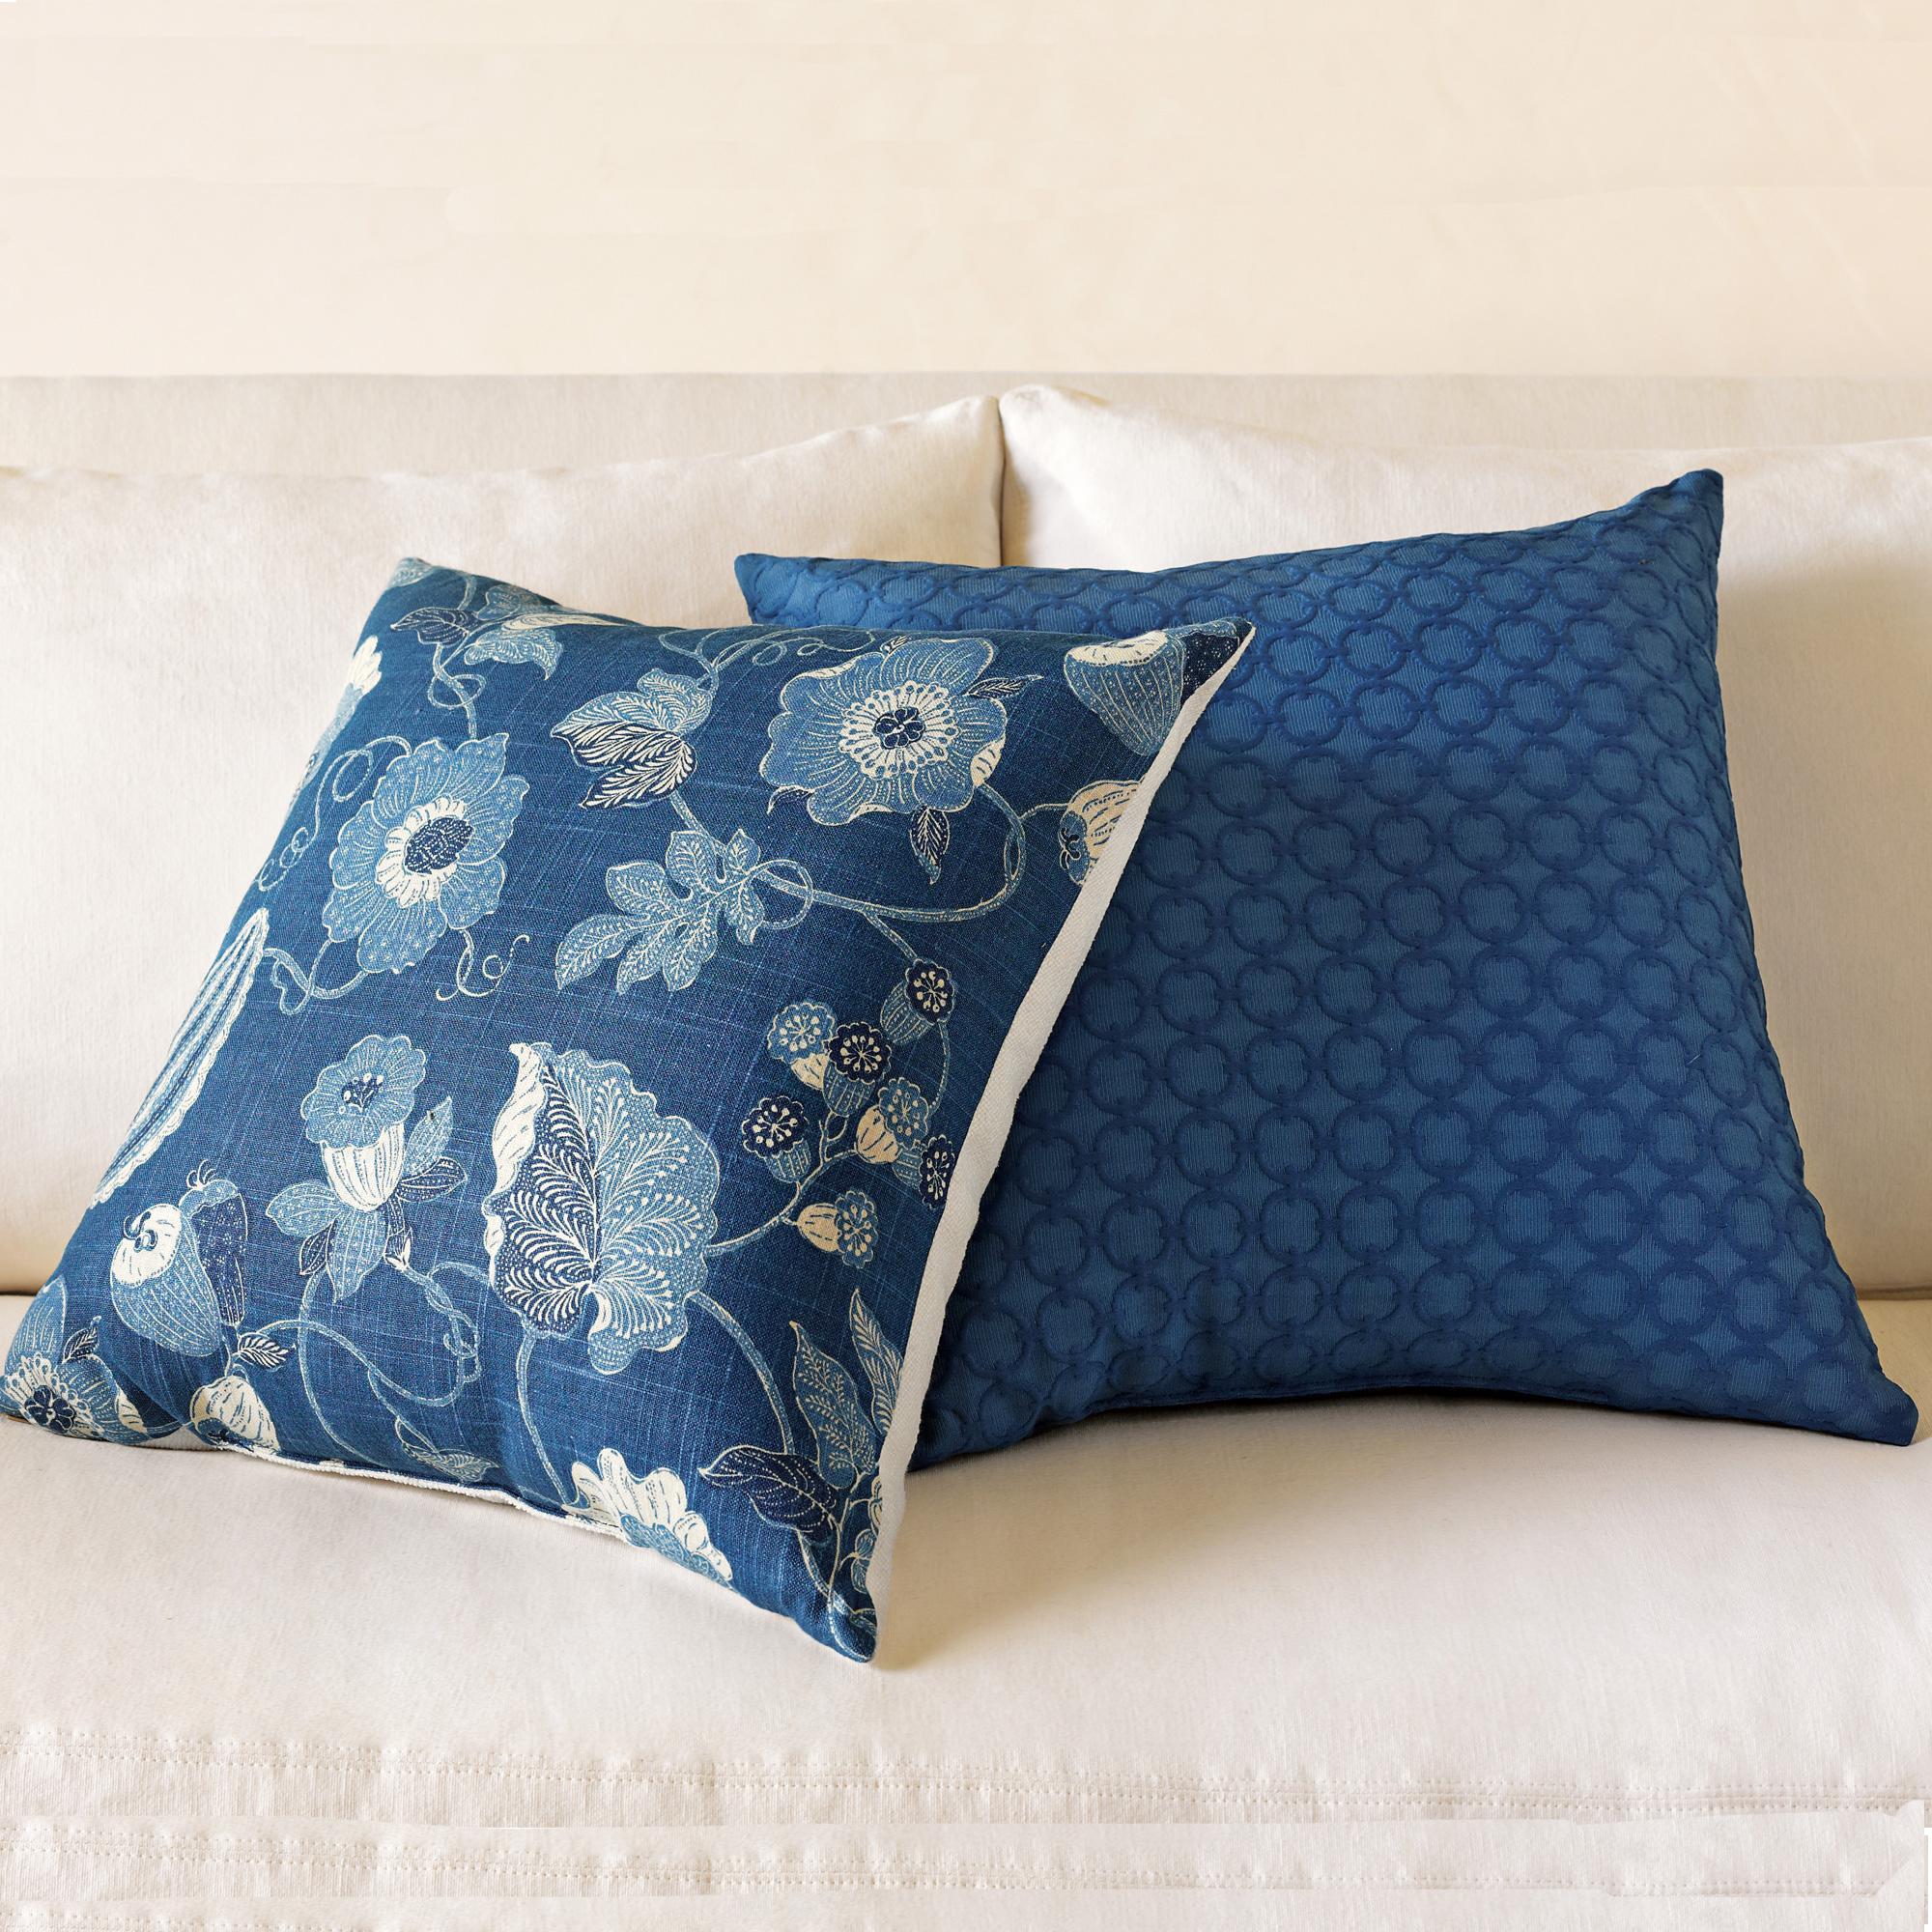 Throw Pillows Home : Indigo Pillows Gump s